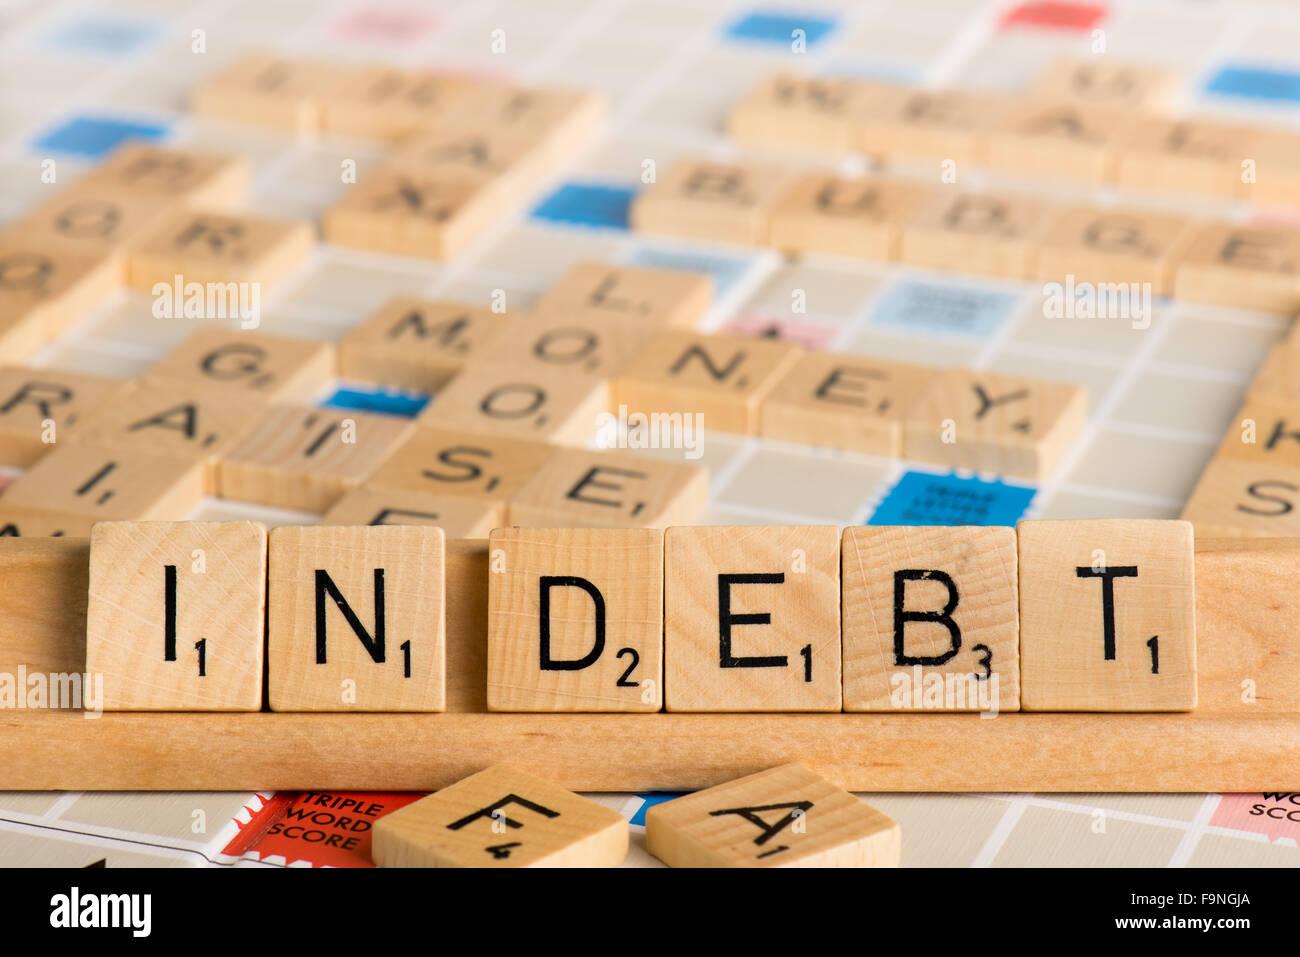 Scrabble - IN DEBT - Stock Image